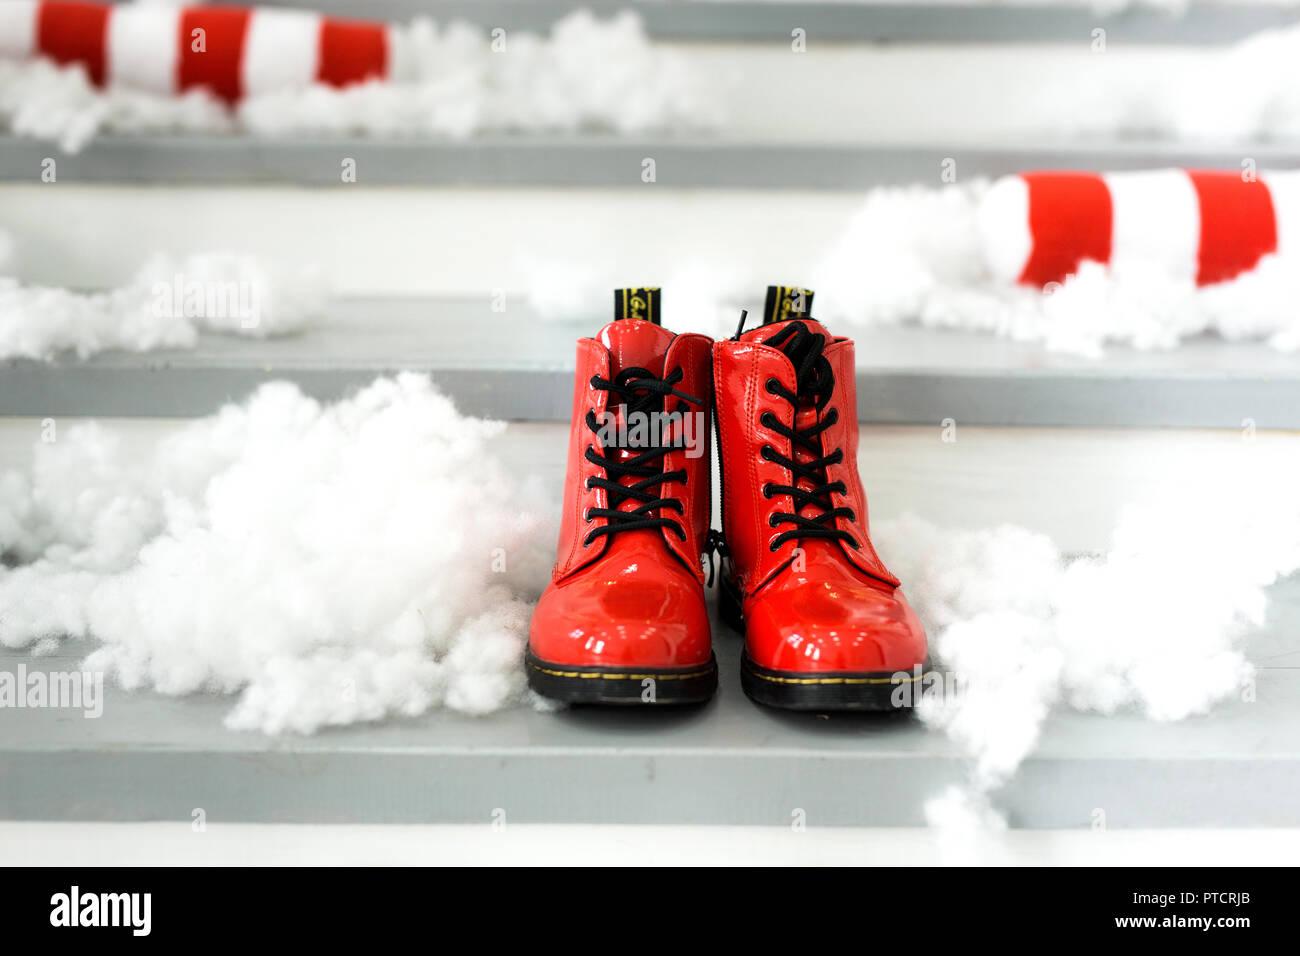 Christmas Elf Shoes Stockfotos & Christmas Elf Shoes Bilder - Alamy